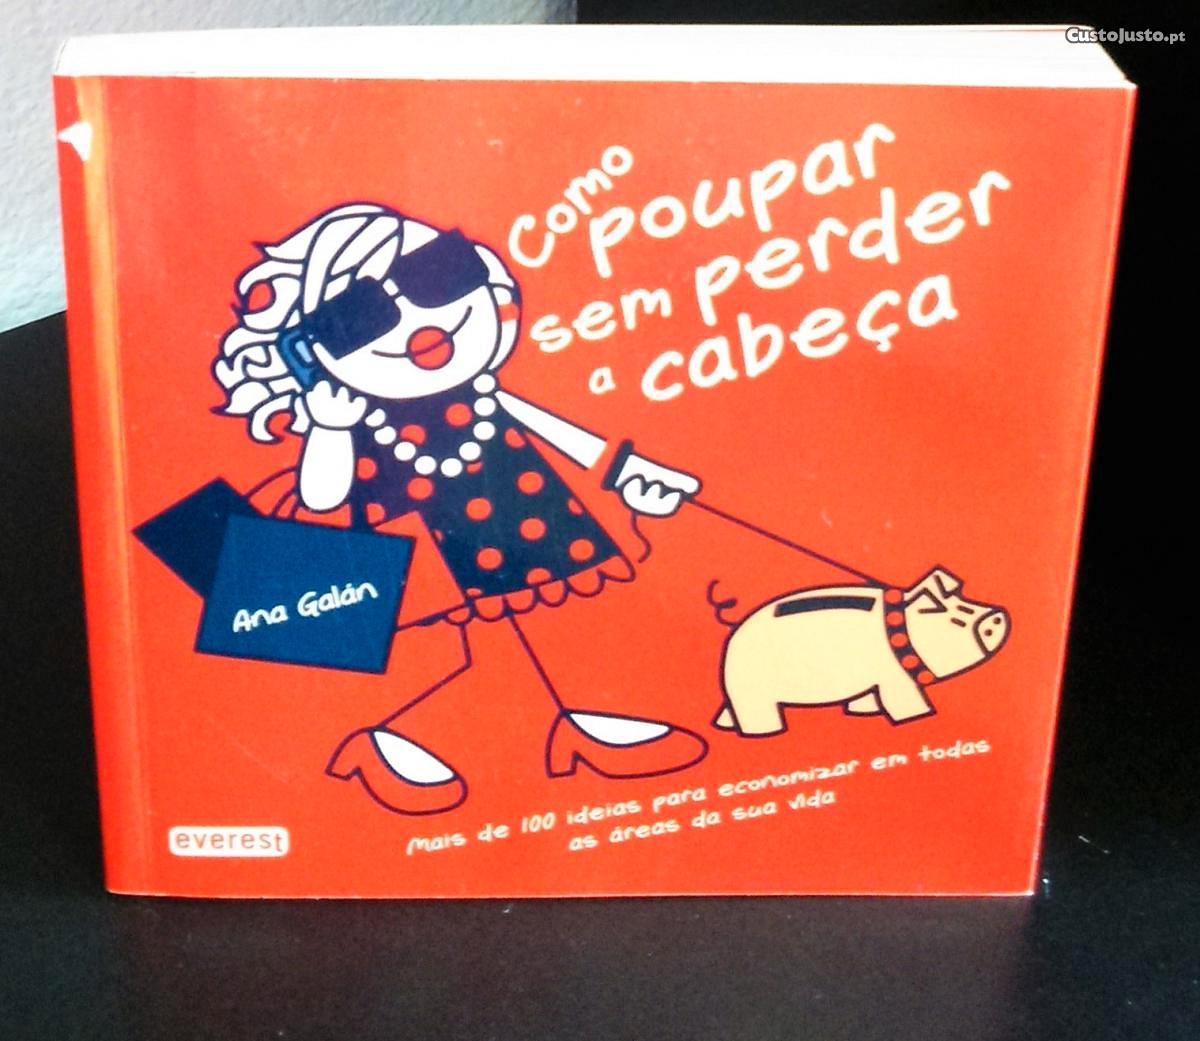 Como Poupar sem Perder a Cabeça de Ana Galán - à venda - Livros ...